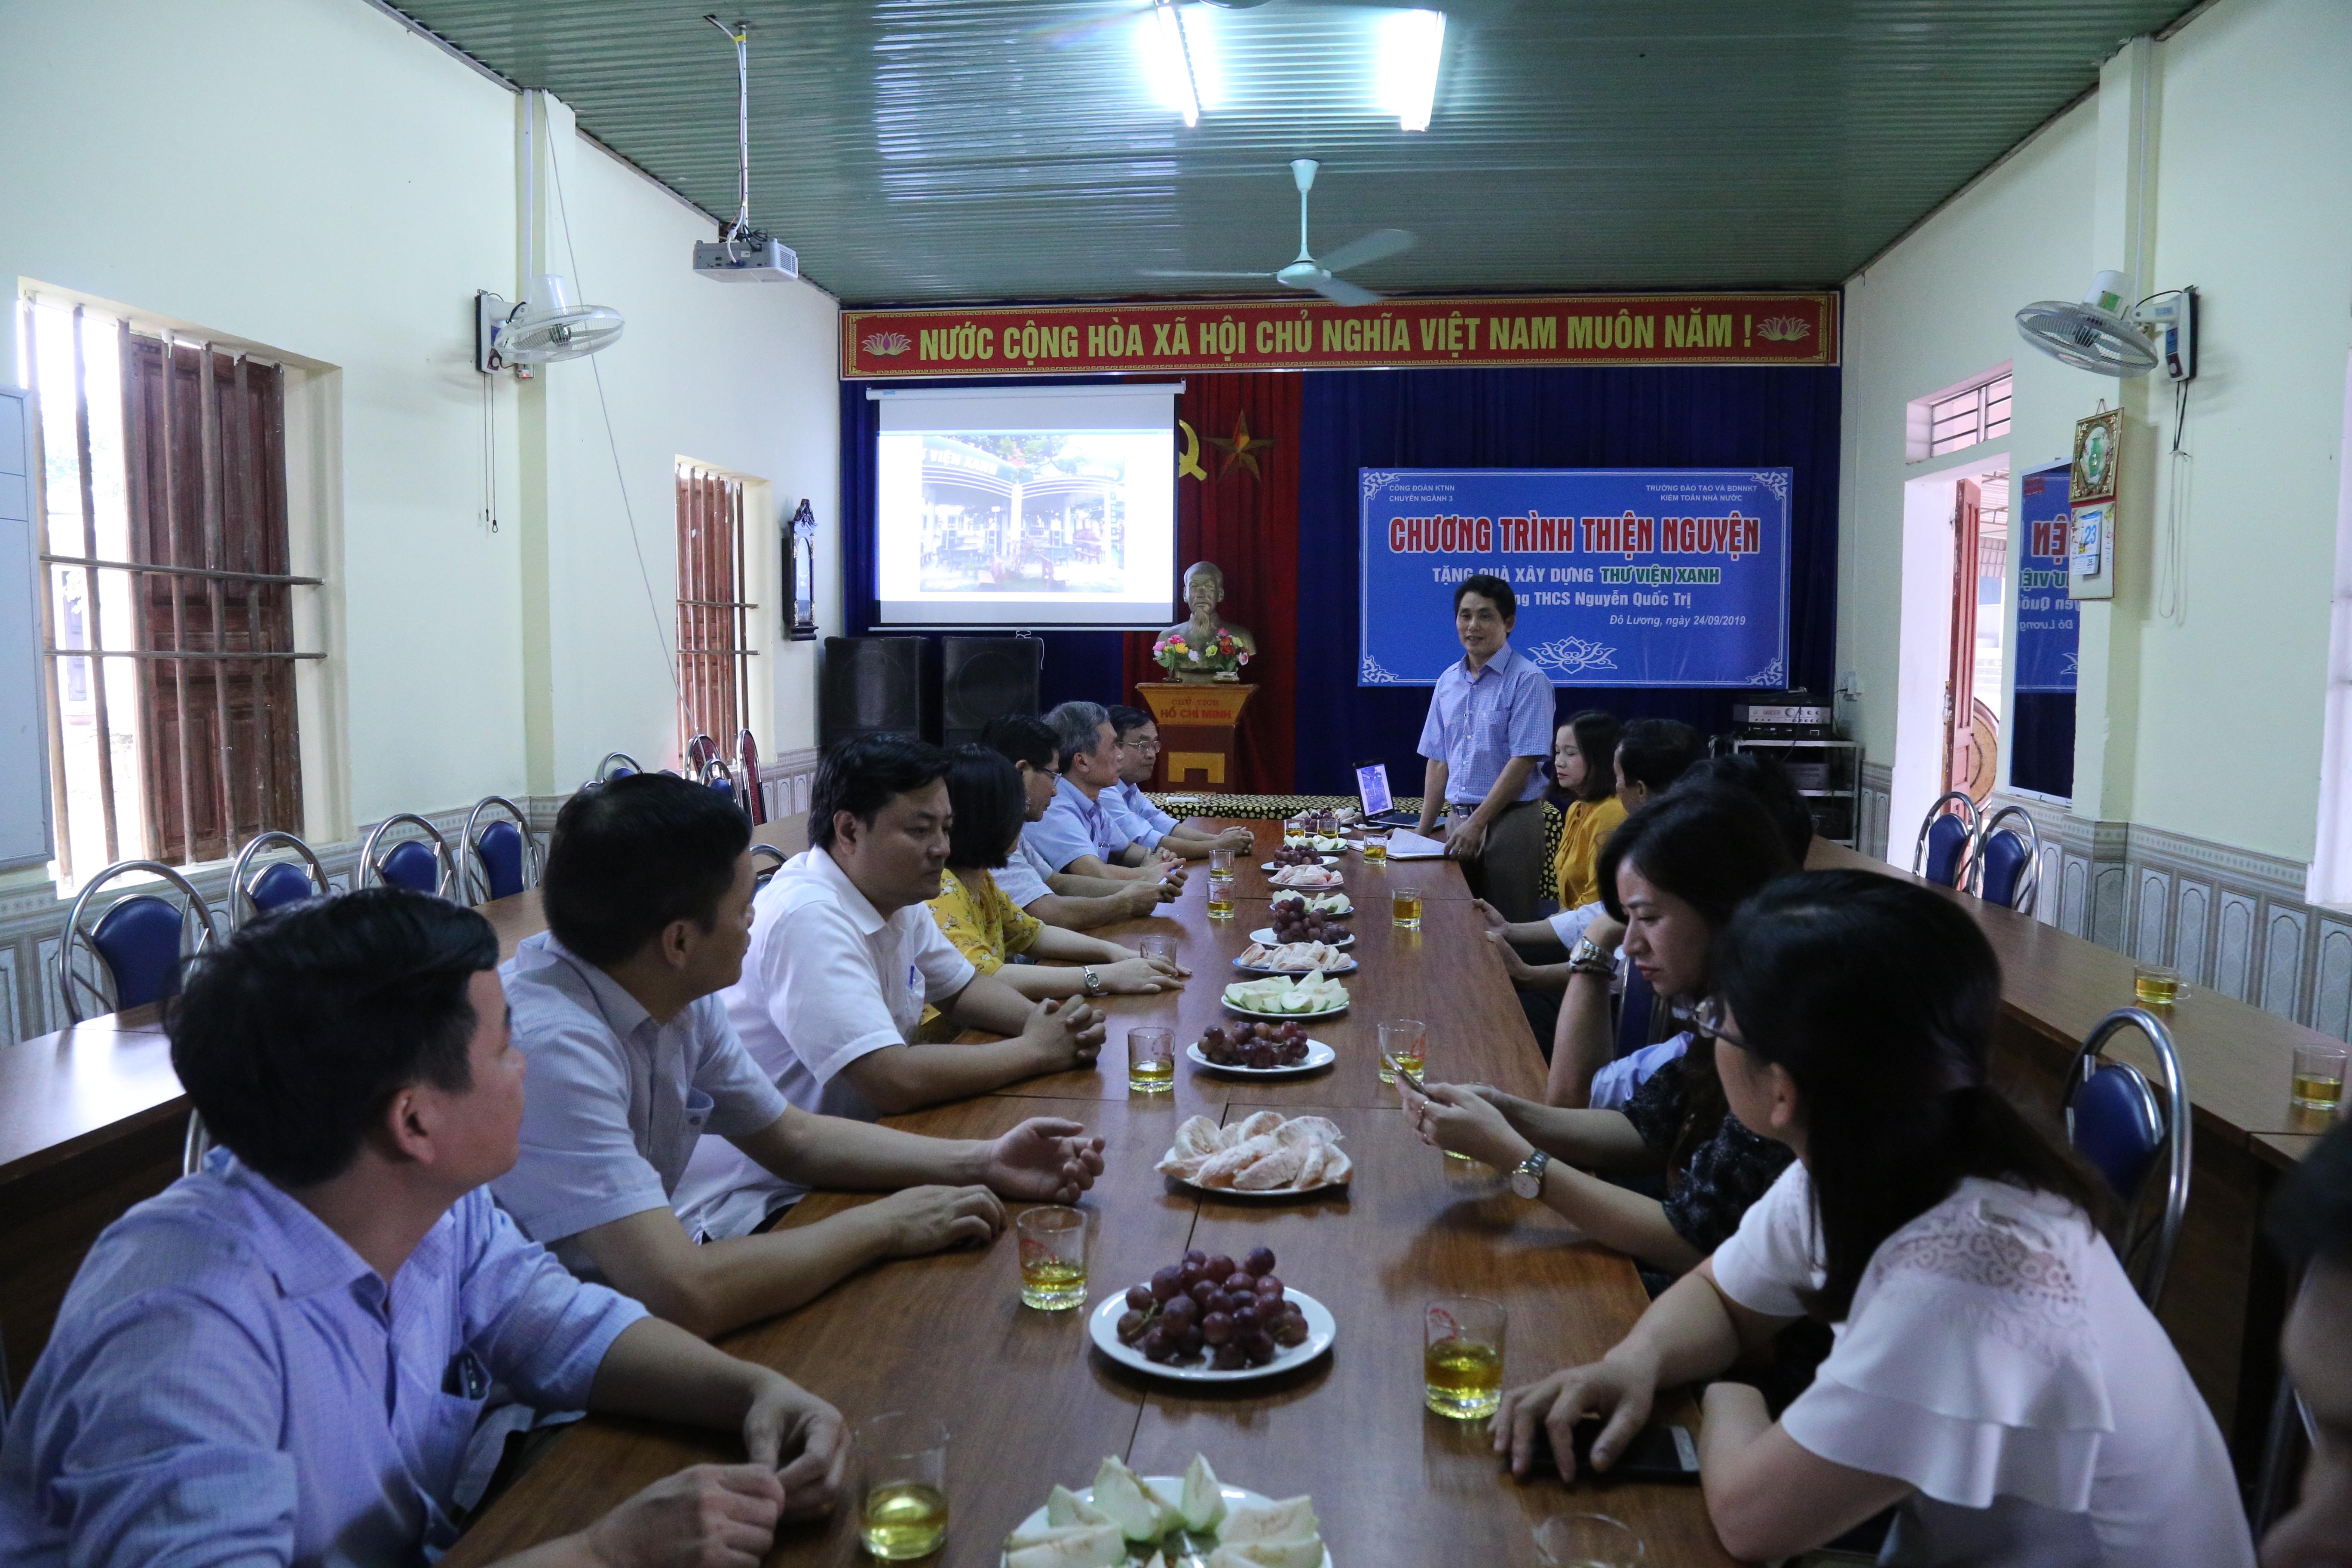 Công đoàn Kiểm toán Nhà nước Chuyên ngành III và Trường Đào tạo và Bồi dưỡng  Nghiệp vụ kiểm toán đã tổ chức trao tặng kinh phí xây dựng Thư viện Xanh tại Trường Trung học Cơ sở Nguyễn Quốc Trị, huyện Đô Lương, tỉnh Nghệ An